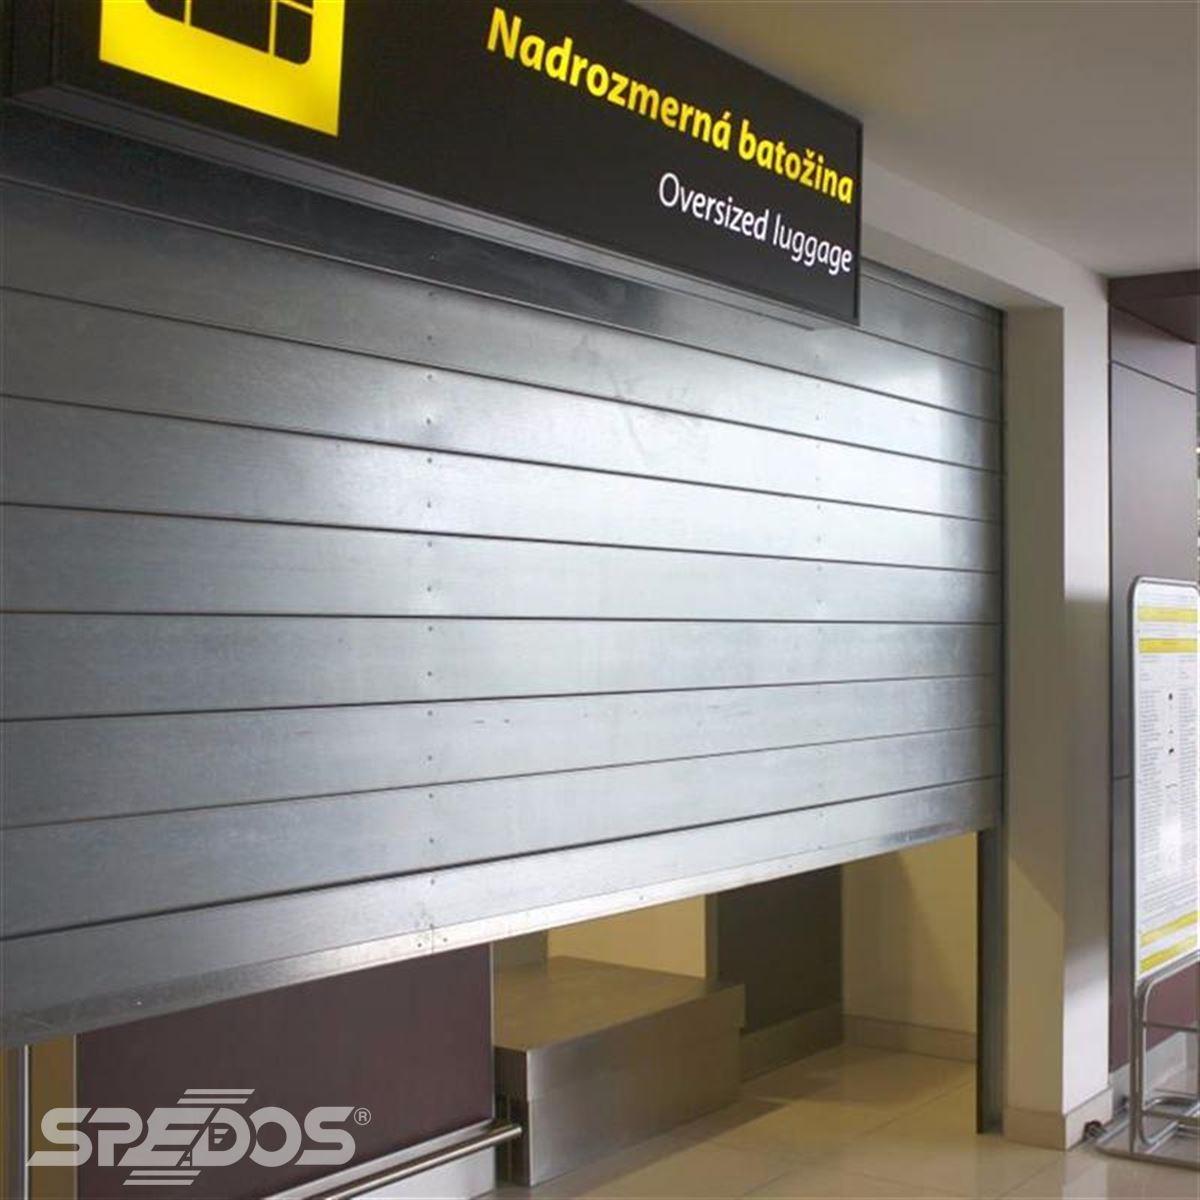 bezpečnostní rolovací vrata pro mezinárodní letiště 2